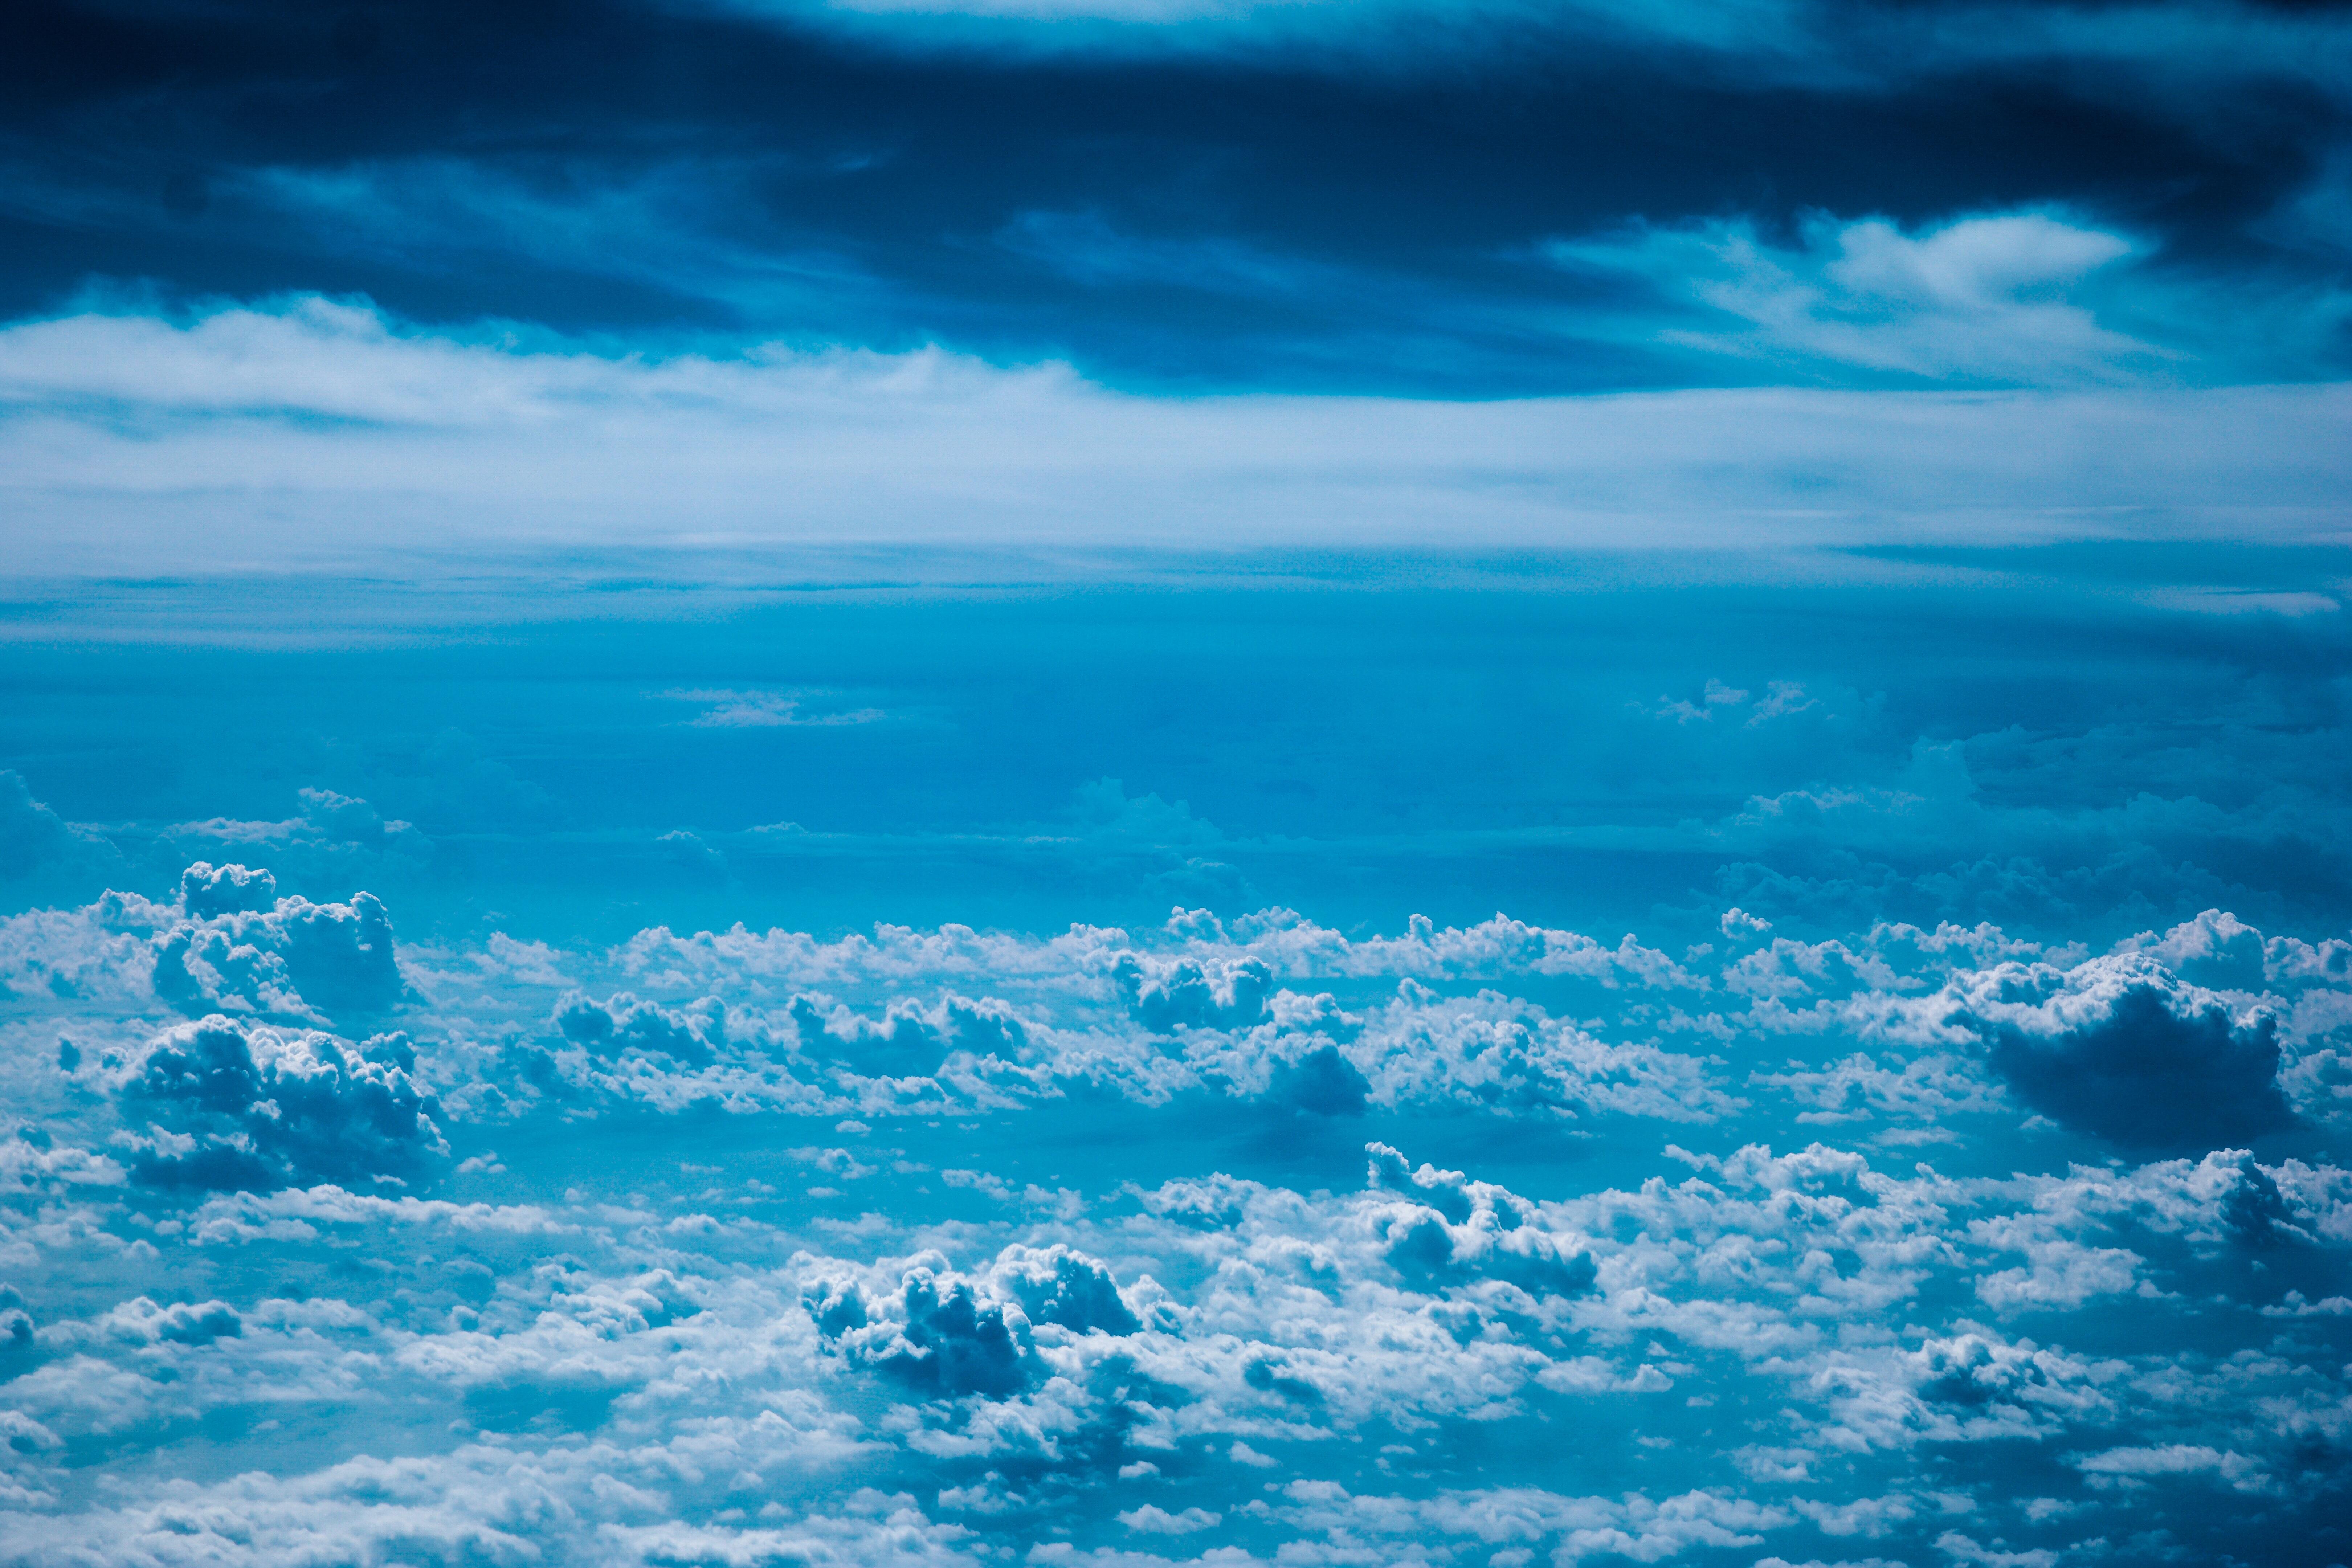 149313 Lade kostenlos Blau Hintergrundbilder für dein Handy herunter, Natur, Sky, Clouds Blau Bilder und Bildschirmschoner für dein Handy